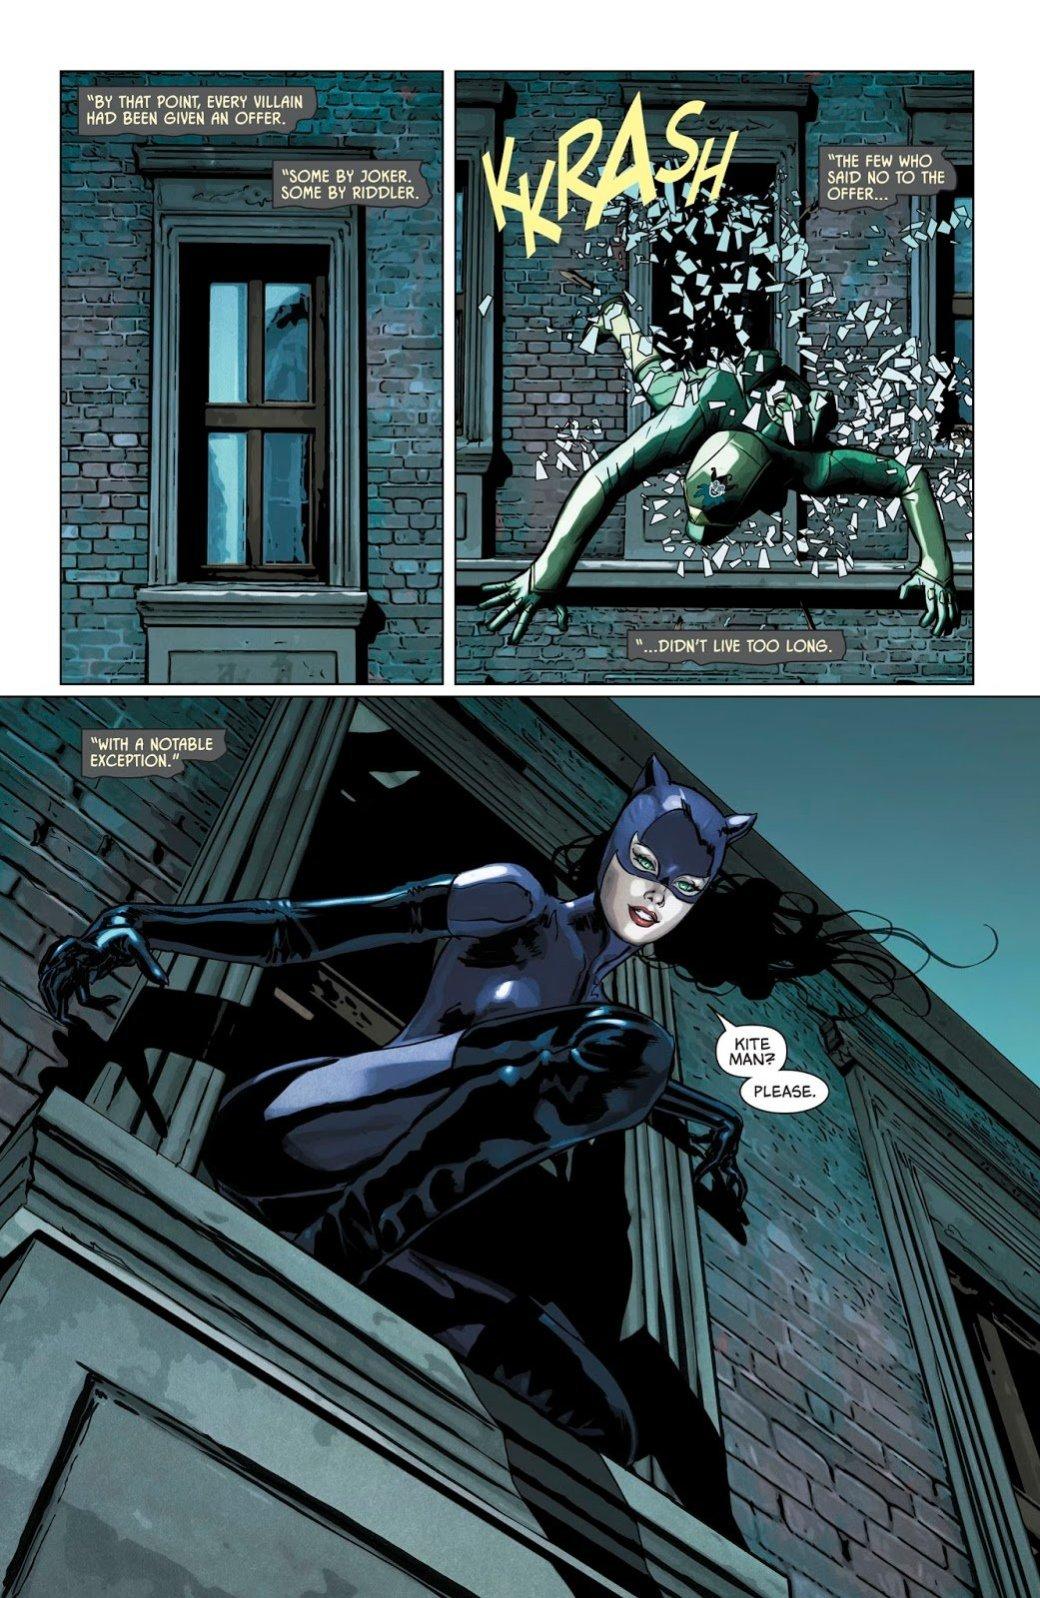 Зачем нужна была война Джокера иЗагадочника настраницах комикса «Бэтмен»?. - Изображение 11